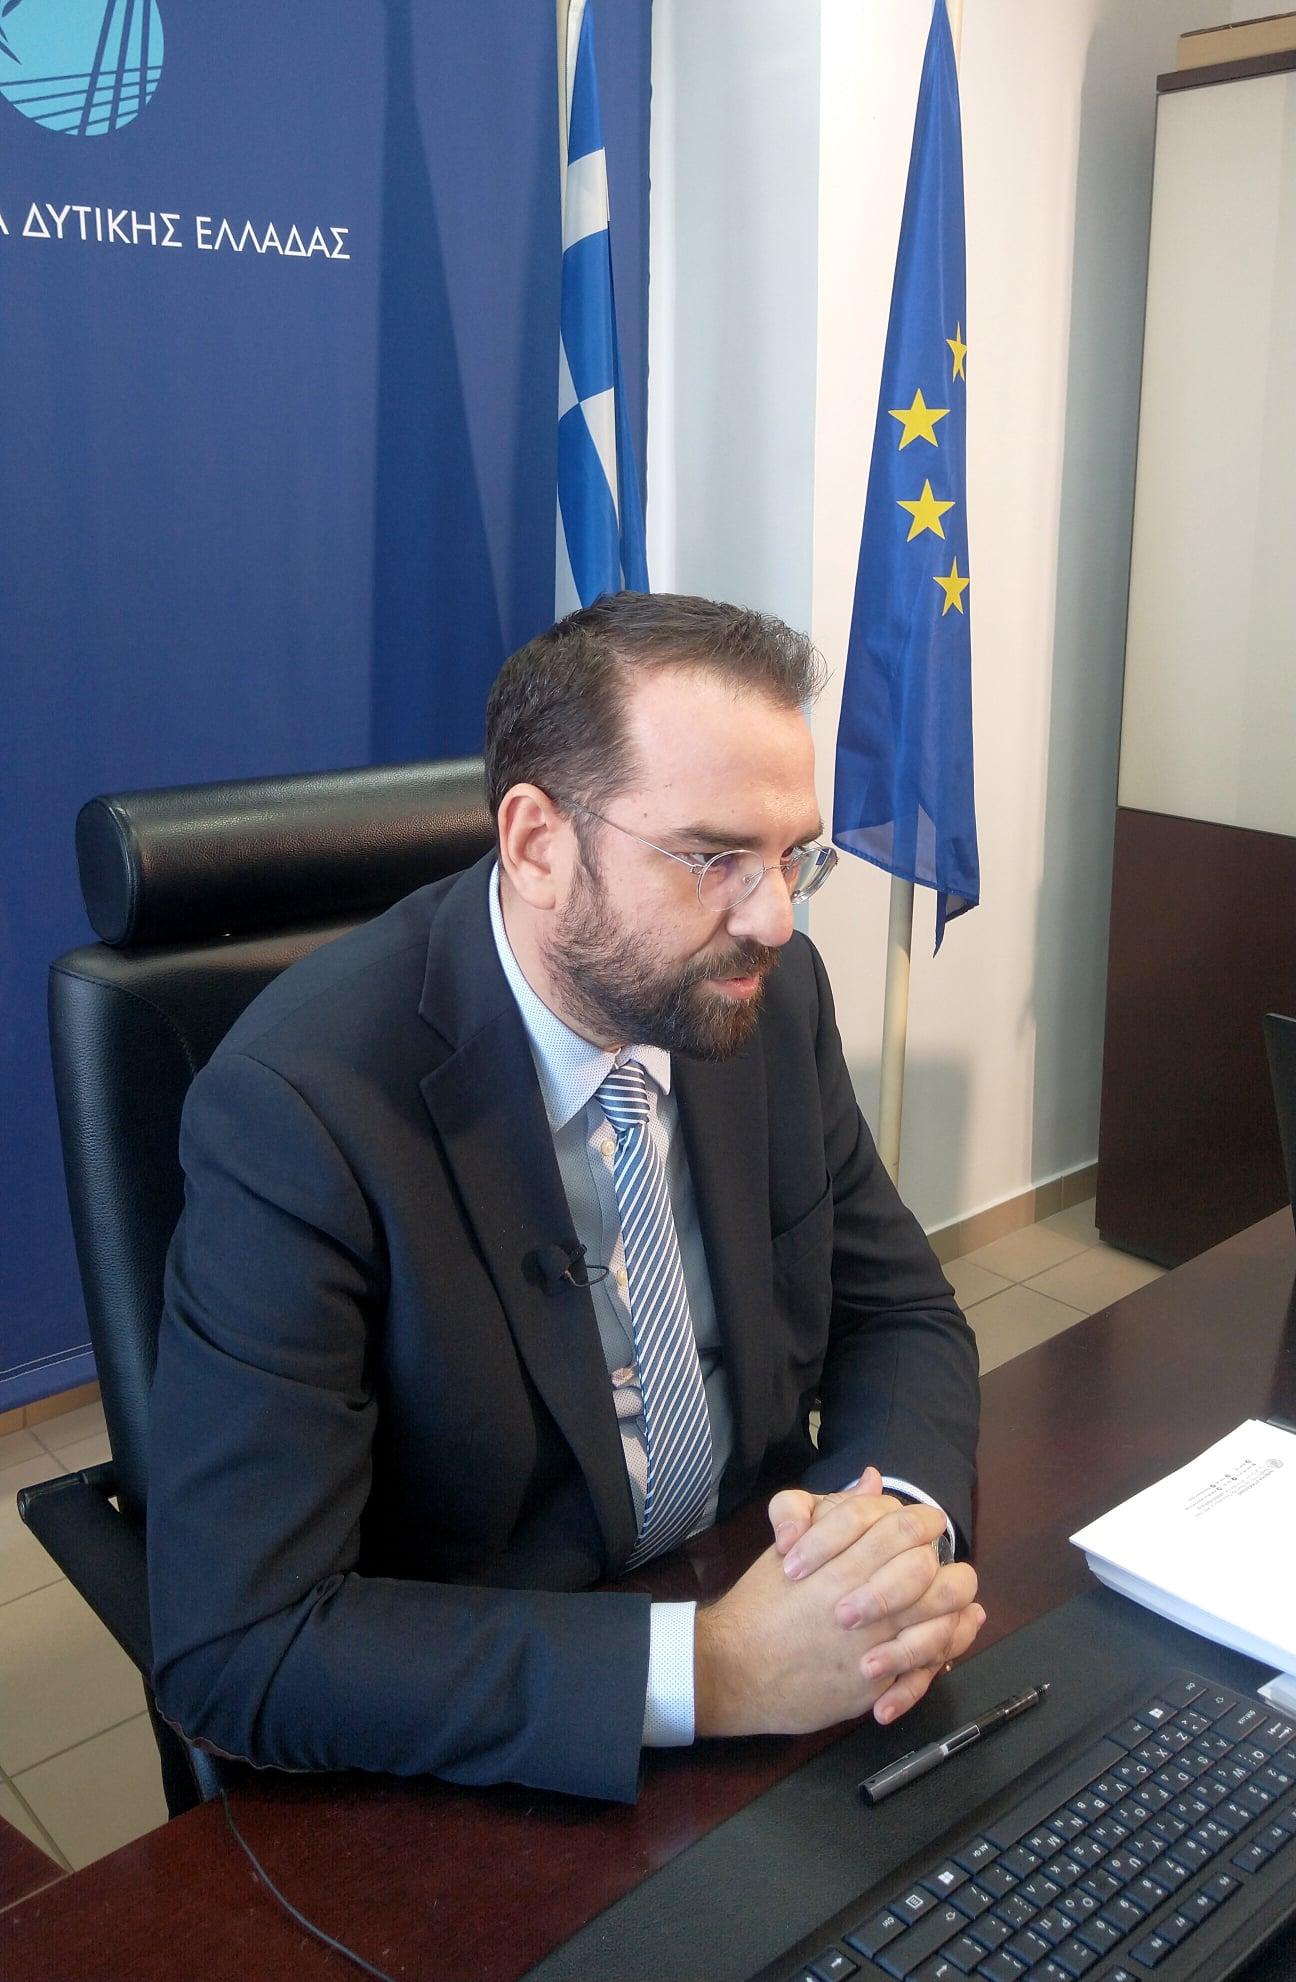 ΠΔΕ: Ο απολογισμός του Περιφερειάρχη για το 2020 – Ν. Φαρμάκης: «Ανοίξαμε τον δρόμο του μέλλοντος για τη Δυτική Ελλάδα»